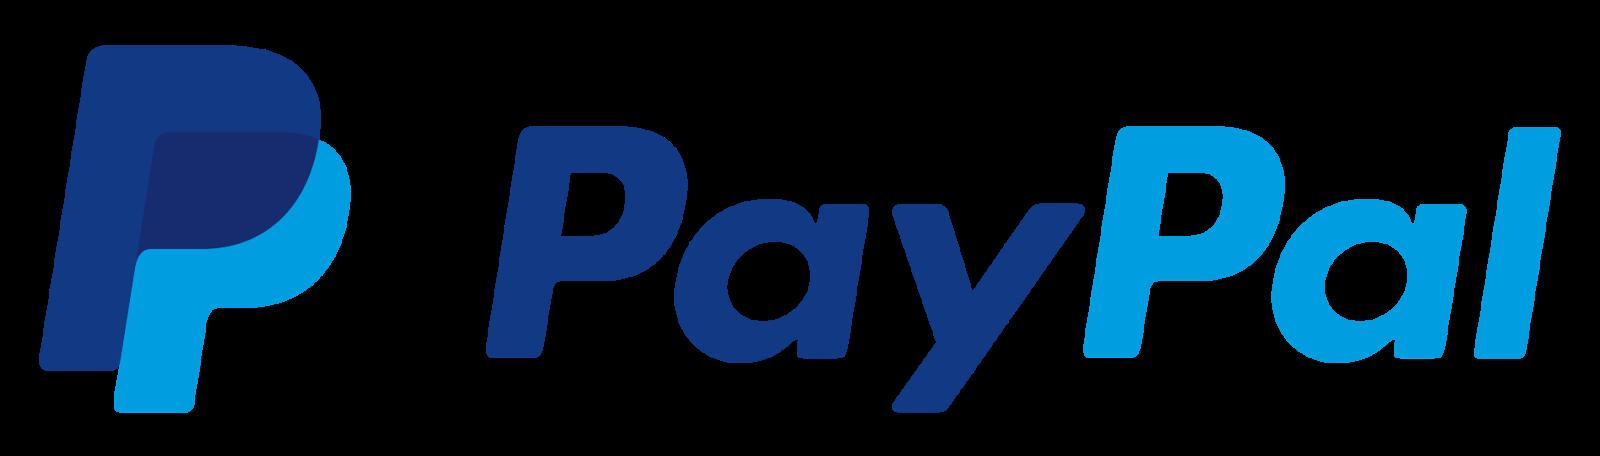 PC Gaming paiement sécurisé paypal